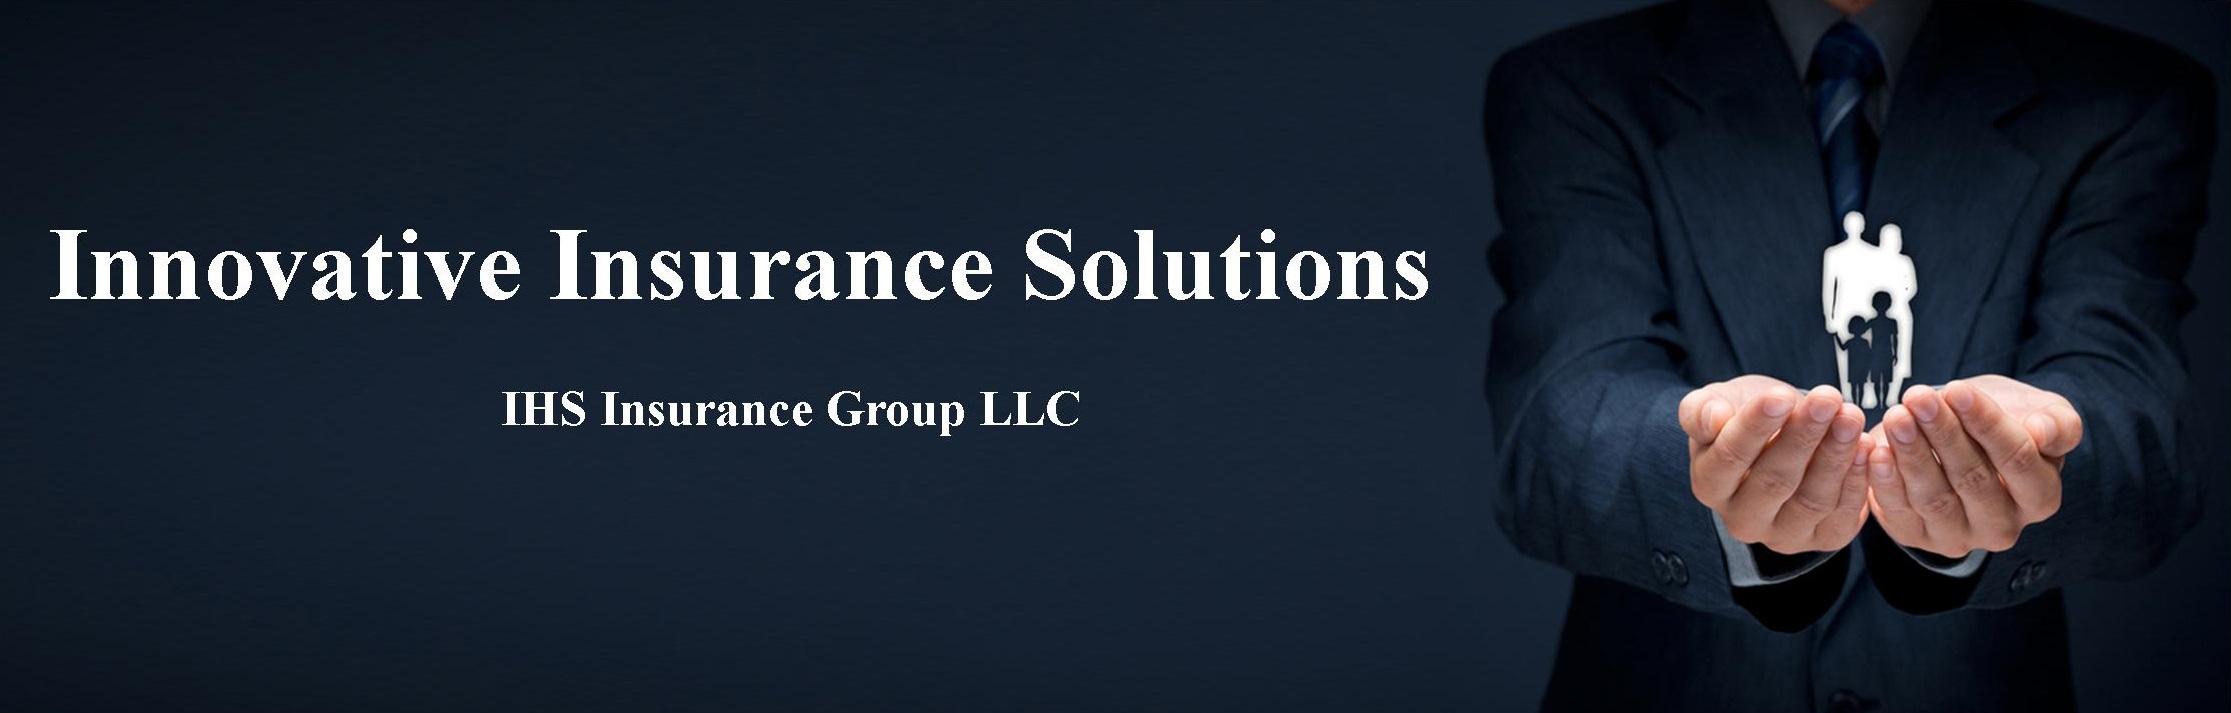 Innovative Insurance Solutions Blog Header